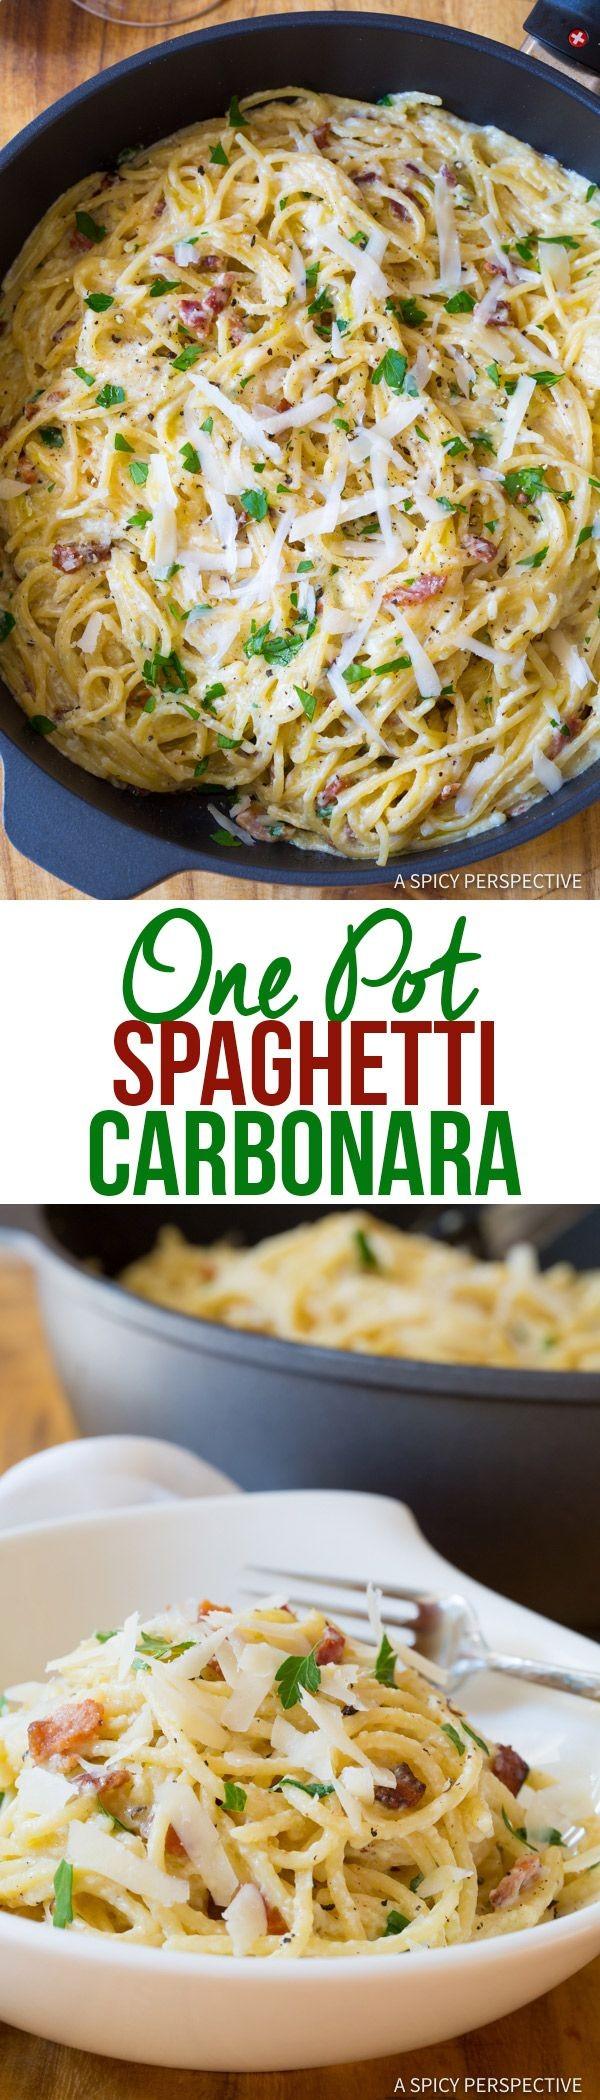 Get the recipe Spaghetti Carbonara @recipes_to_go